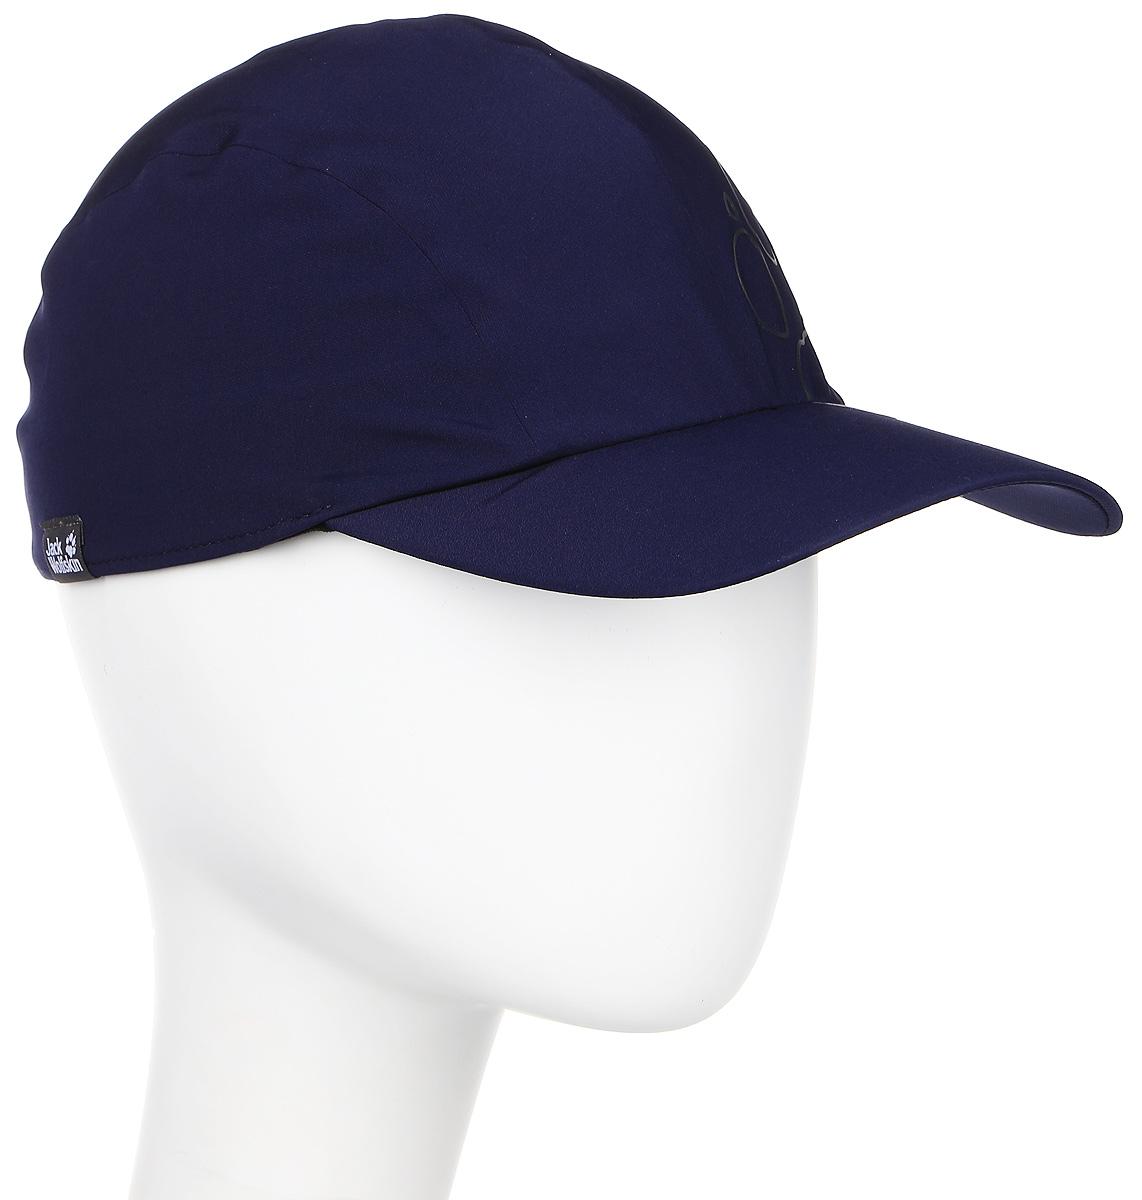 Бейсболка Jack Wolfskin Activate Fold-Away Cap, цвет: темно-синий. 1904861-1010. Размер M (54/57)1904861-1010Бейсболка Activate Fold-Away Cap изготовлена из ткани Flex Shield (полиэстер с добавлением эластана). Это прочная, дышащая, эластичная ткань с защитой от влаги и ветра. Бейсболка имеет складной козырек, поэтому ее можно положить в карман или рюкзак, и она не займет много места. Модель комфортна для путешествий, повседневной носки и активных занятий спортом.